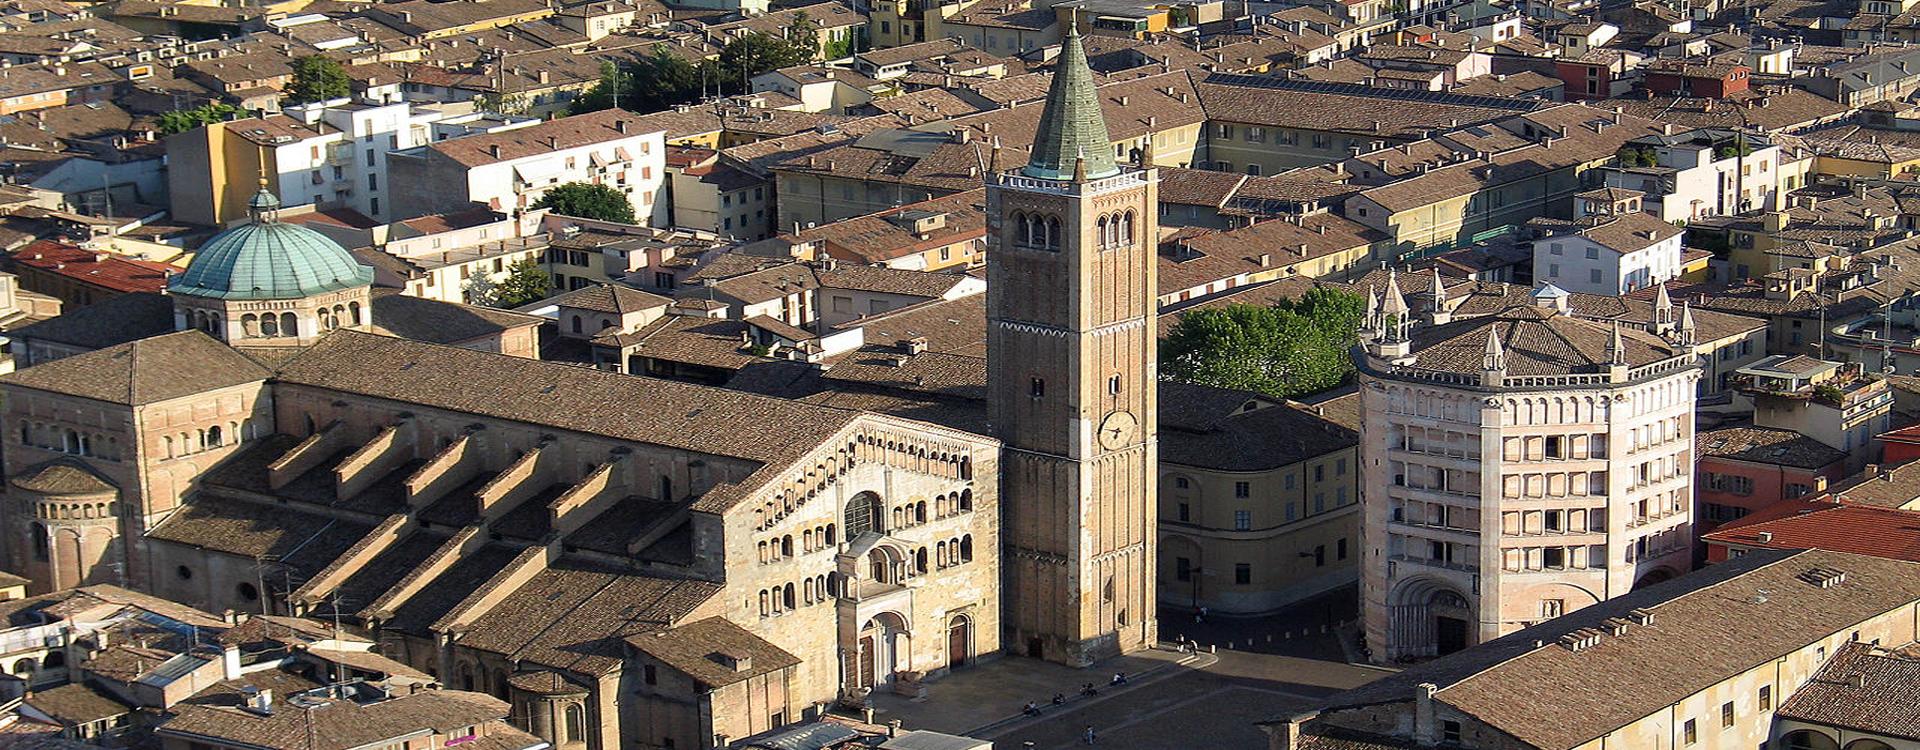 Parma Città in Sicurezza Benessere e Relax con Hotel Campus Collecchio: Fitness, Camere Spaziose Familiari Rinnovate